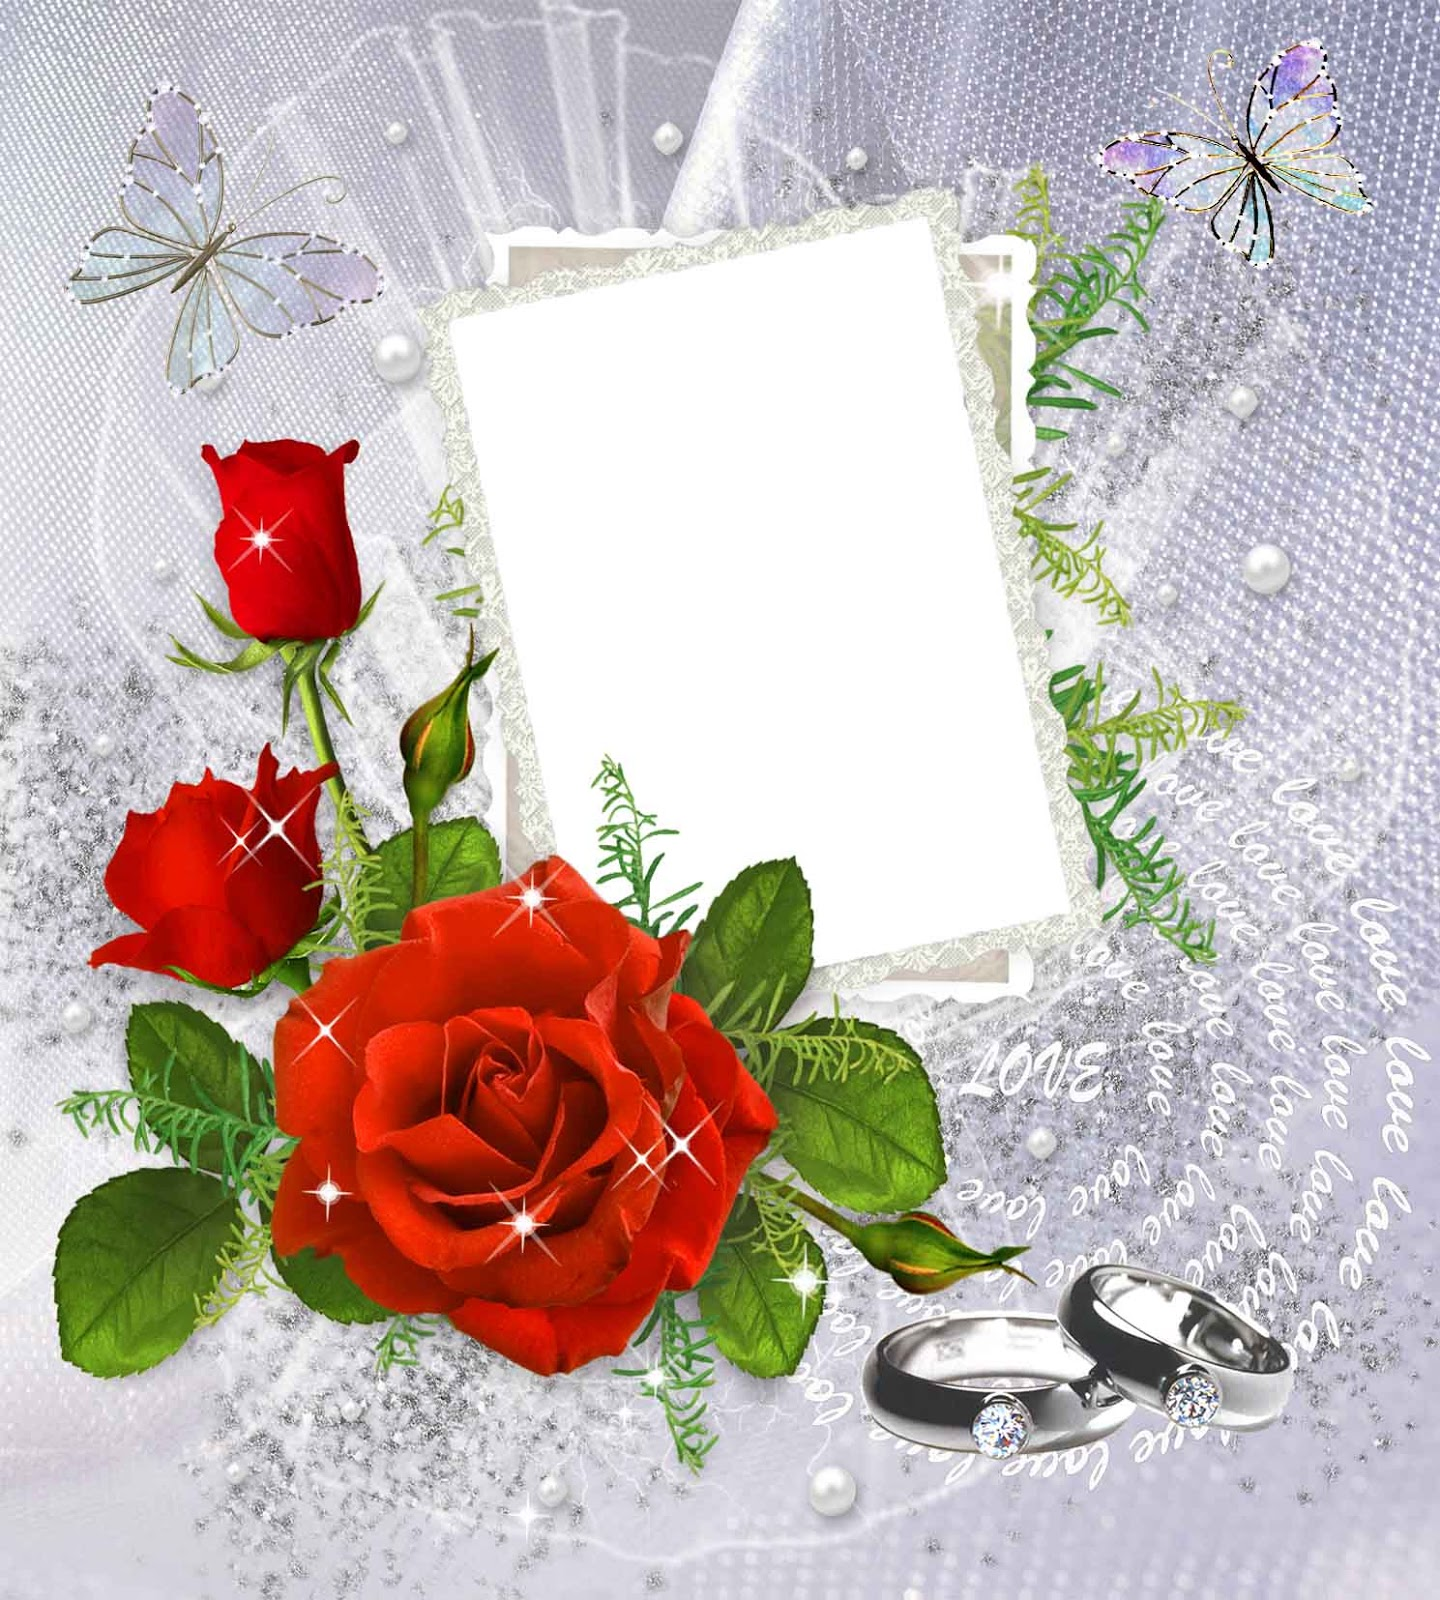 Imikimi Free Wedding Frame   Amtframe.org